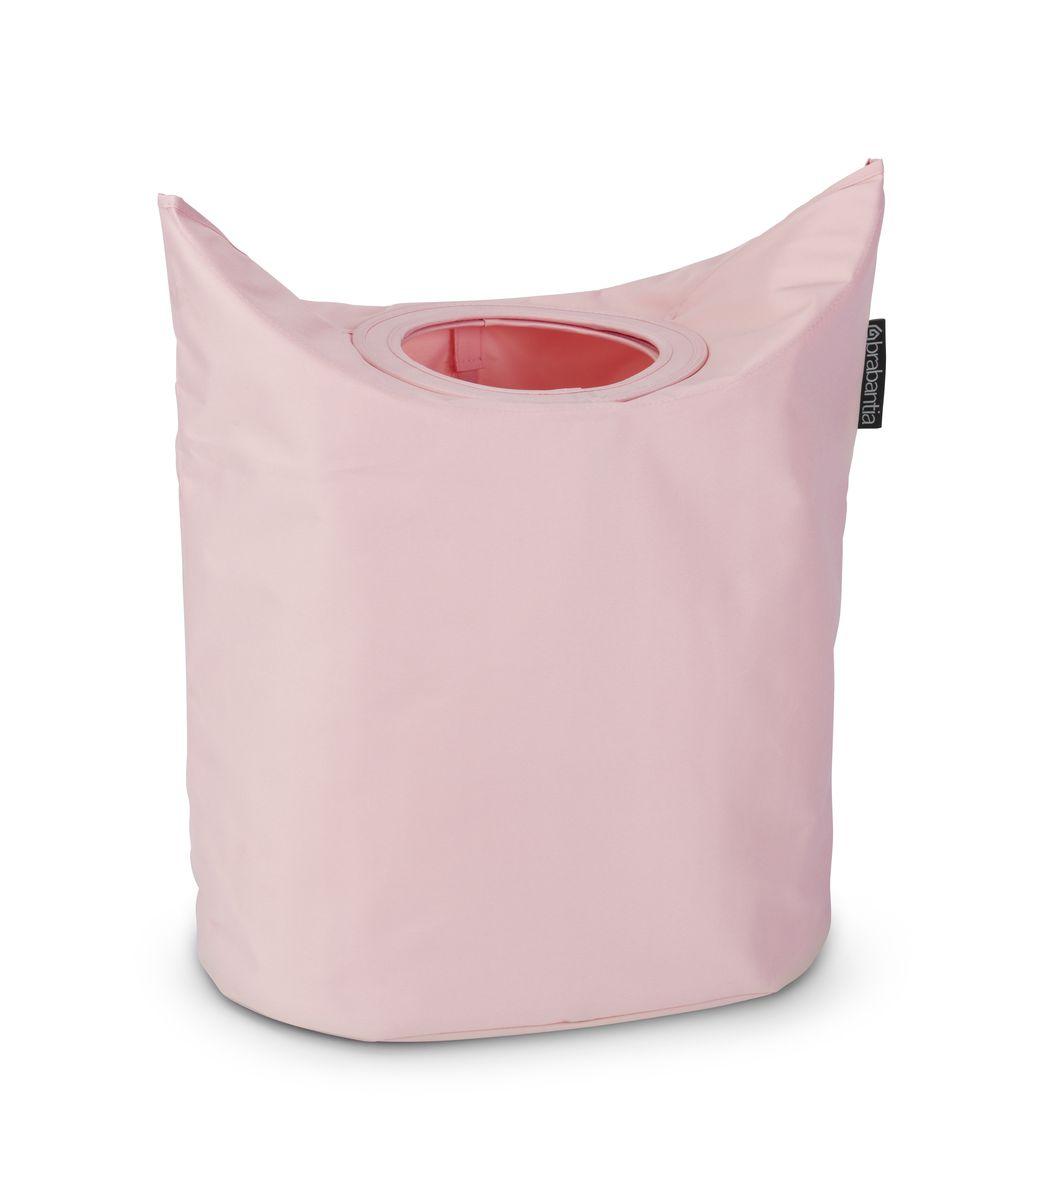 Сумка для белья Brabantia, цвет: розовый, 50 л. 102547102547Оригинальная сумка для белья Brabantia экономит место и превращает вашу стирку в увлекательное занятие. С помощью складывающихся магнитных ручек сумка закрывается и превращается в корзину для белья с загрузочным отверстием. Собрались стирать? Поднимите ручки, и ваша сумка готова к использованию. Особенности: Загрузочное отверстие для быстрой загрузки белья - просто сложите магнитные ручки; Большие удобные ручки для переноски; Удобно загружать белье в стиральную машину - большая вместимость и широкое отверстие; 2 года гарантии Brabantia; Объем 50 л.